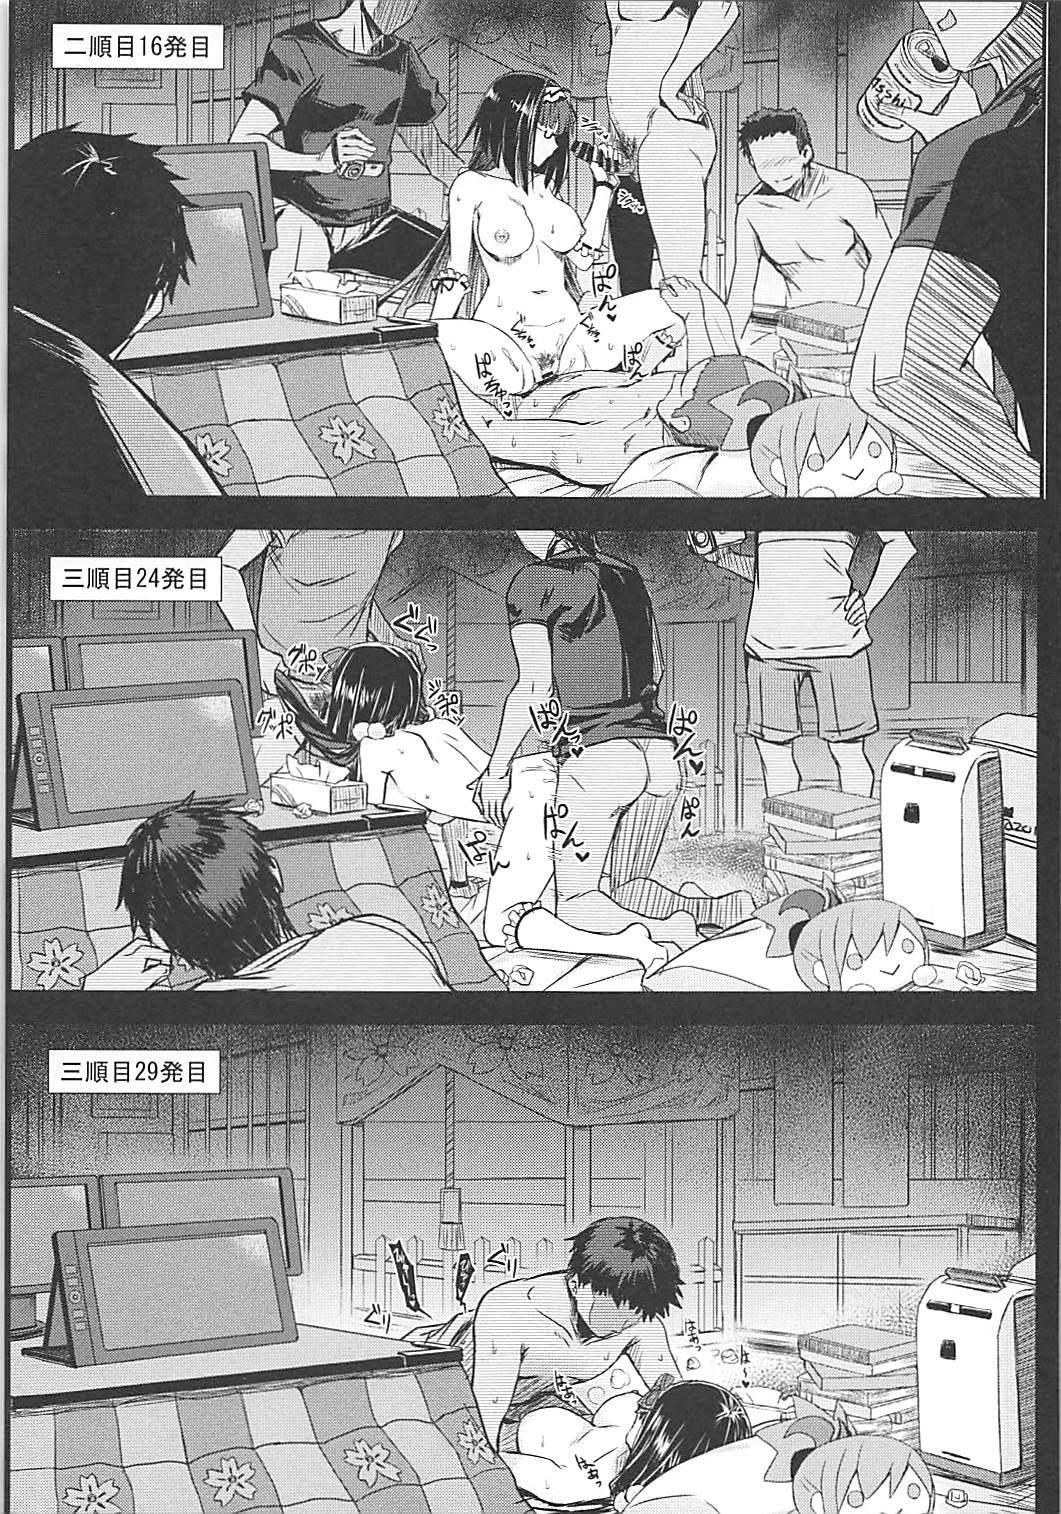 Gacha Hime-sama no Muri no Nai Kakin no Hiketsu 13